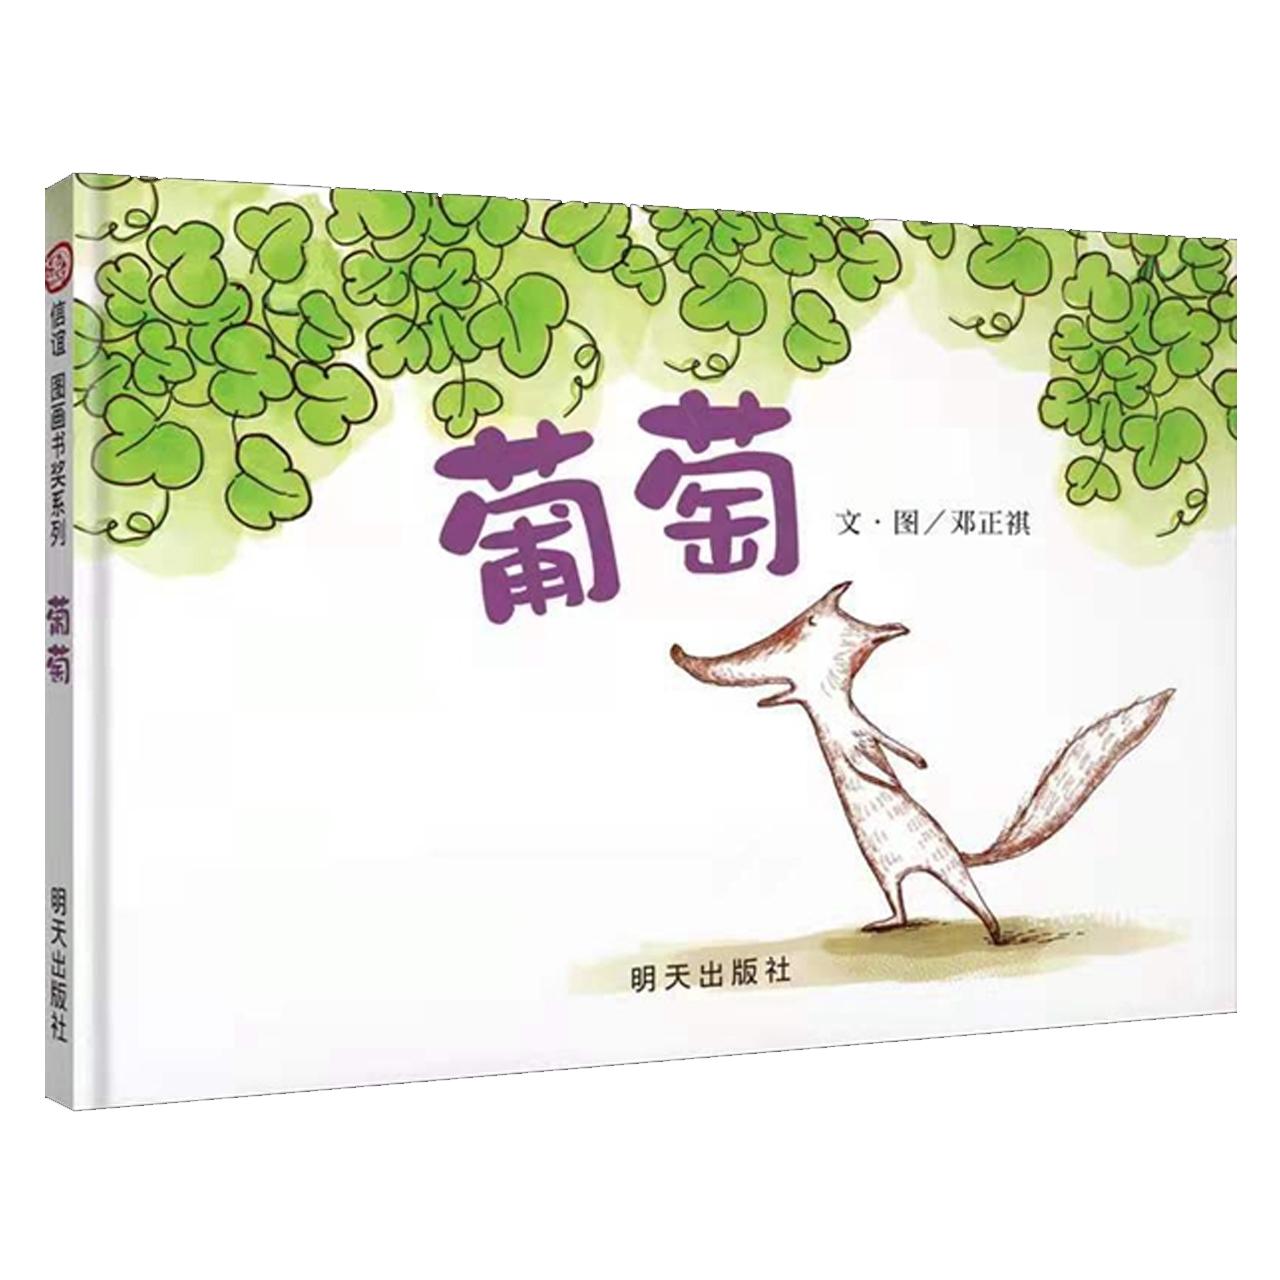 葡萄【儿童绘本/简体绘本/有趣故事】